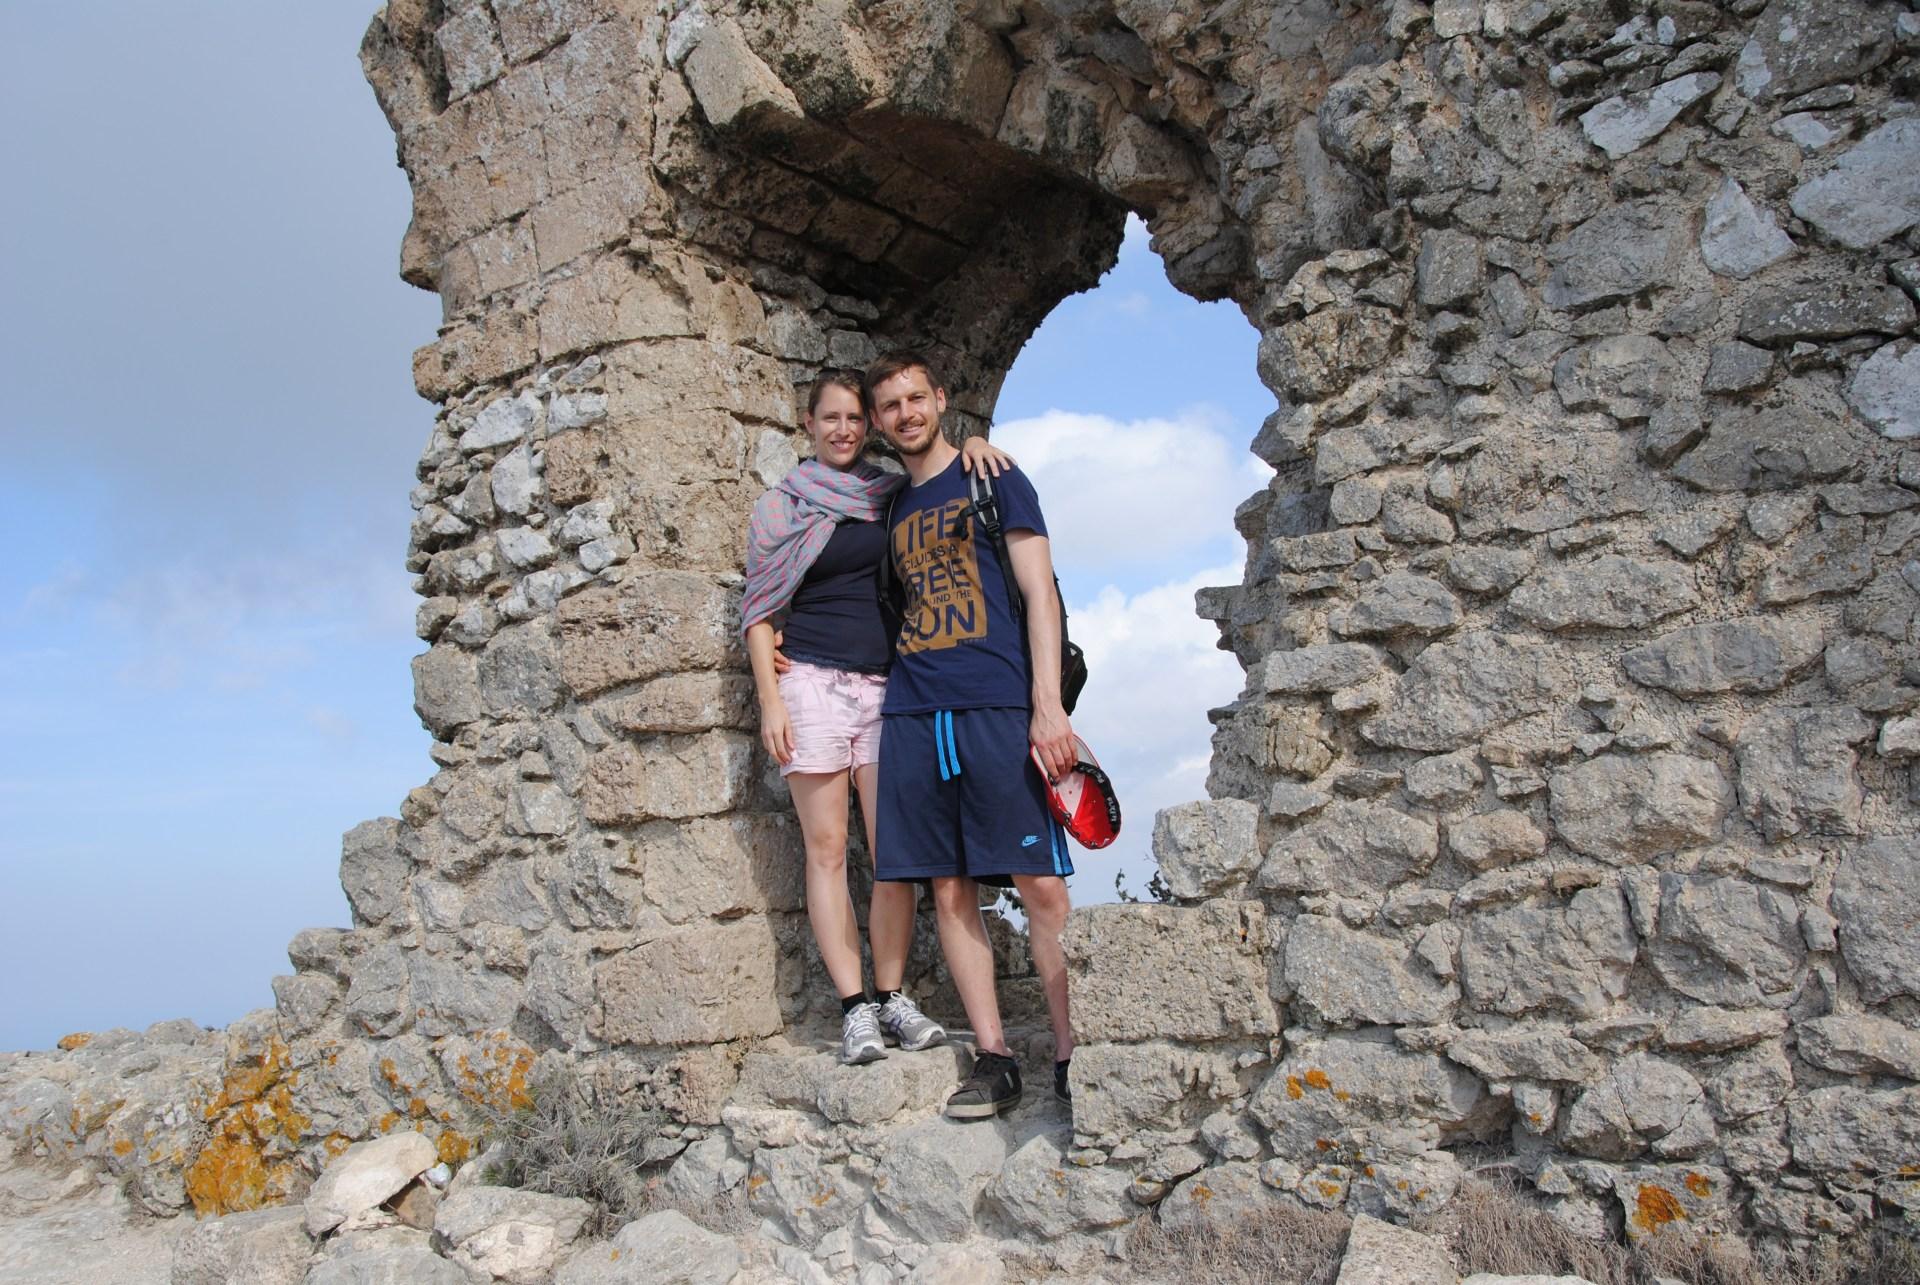 Leo und Sebastian stehen in einer verfallenen Mauer